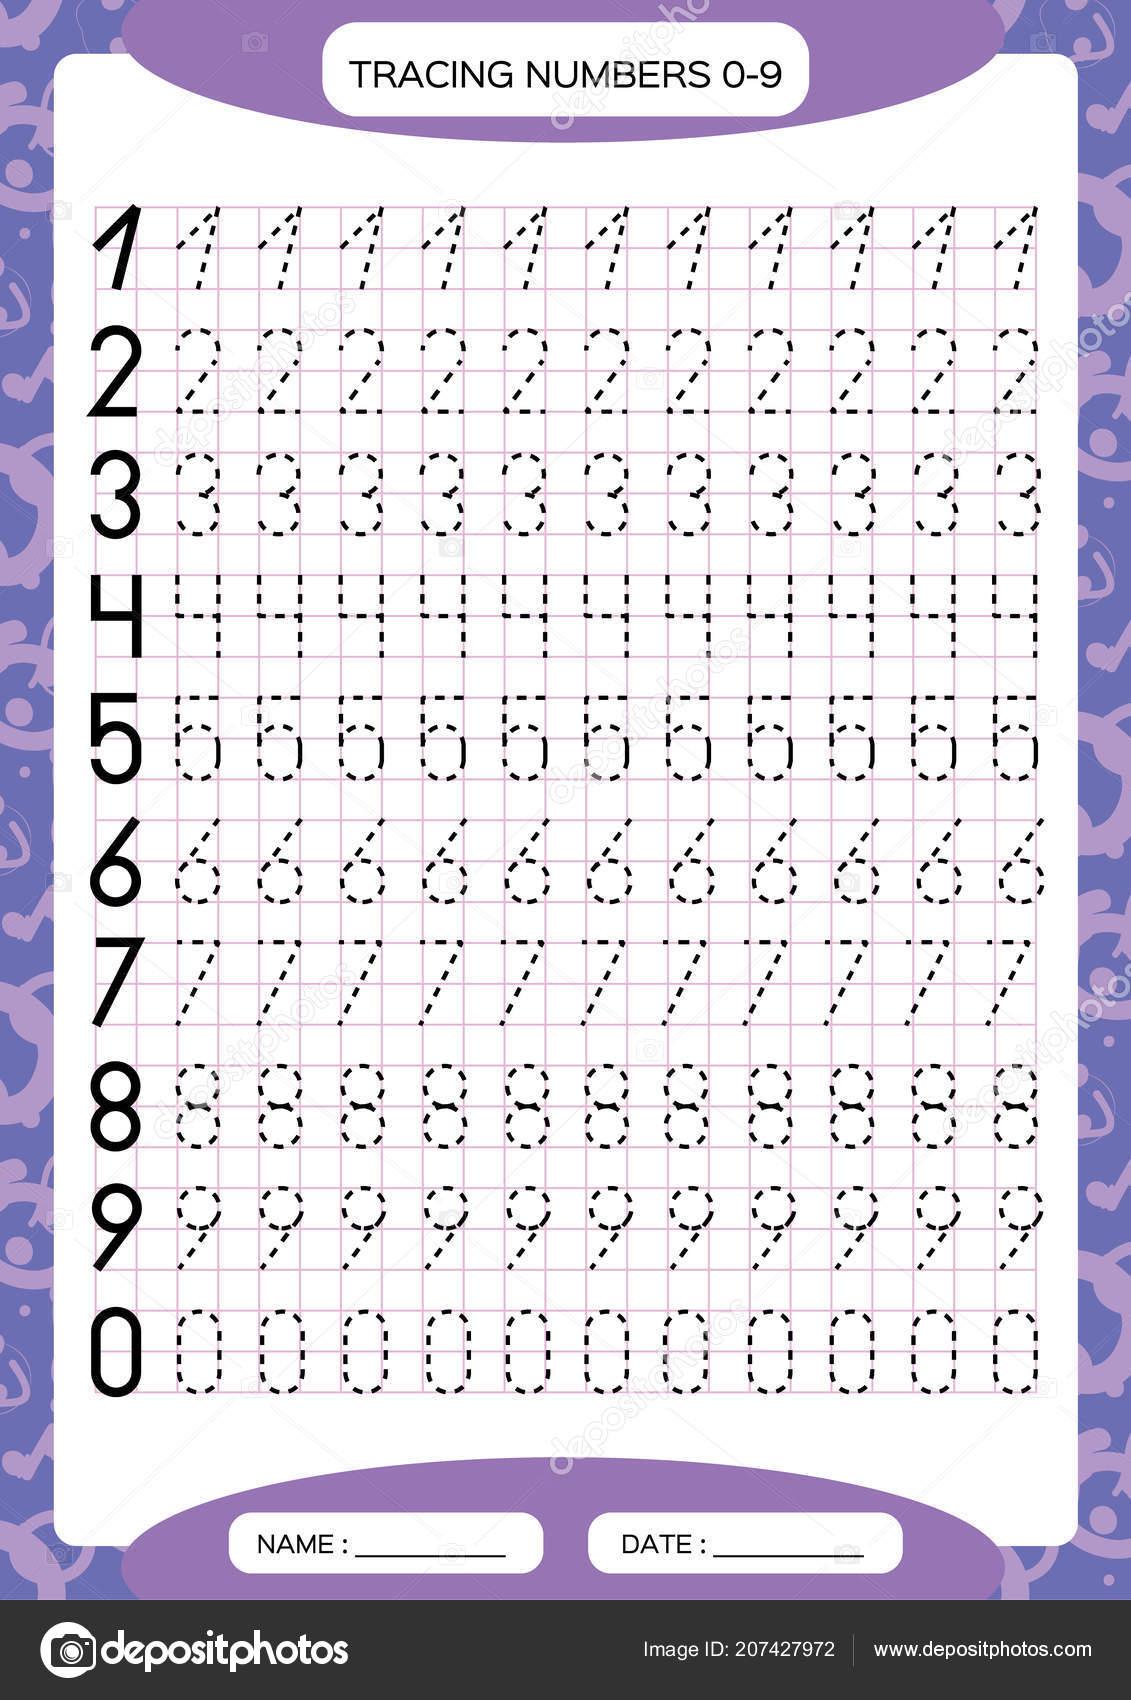 Numbers Tracing Worksheet Kids Preschool Worksheet Practicing Motor